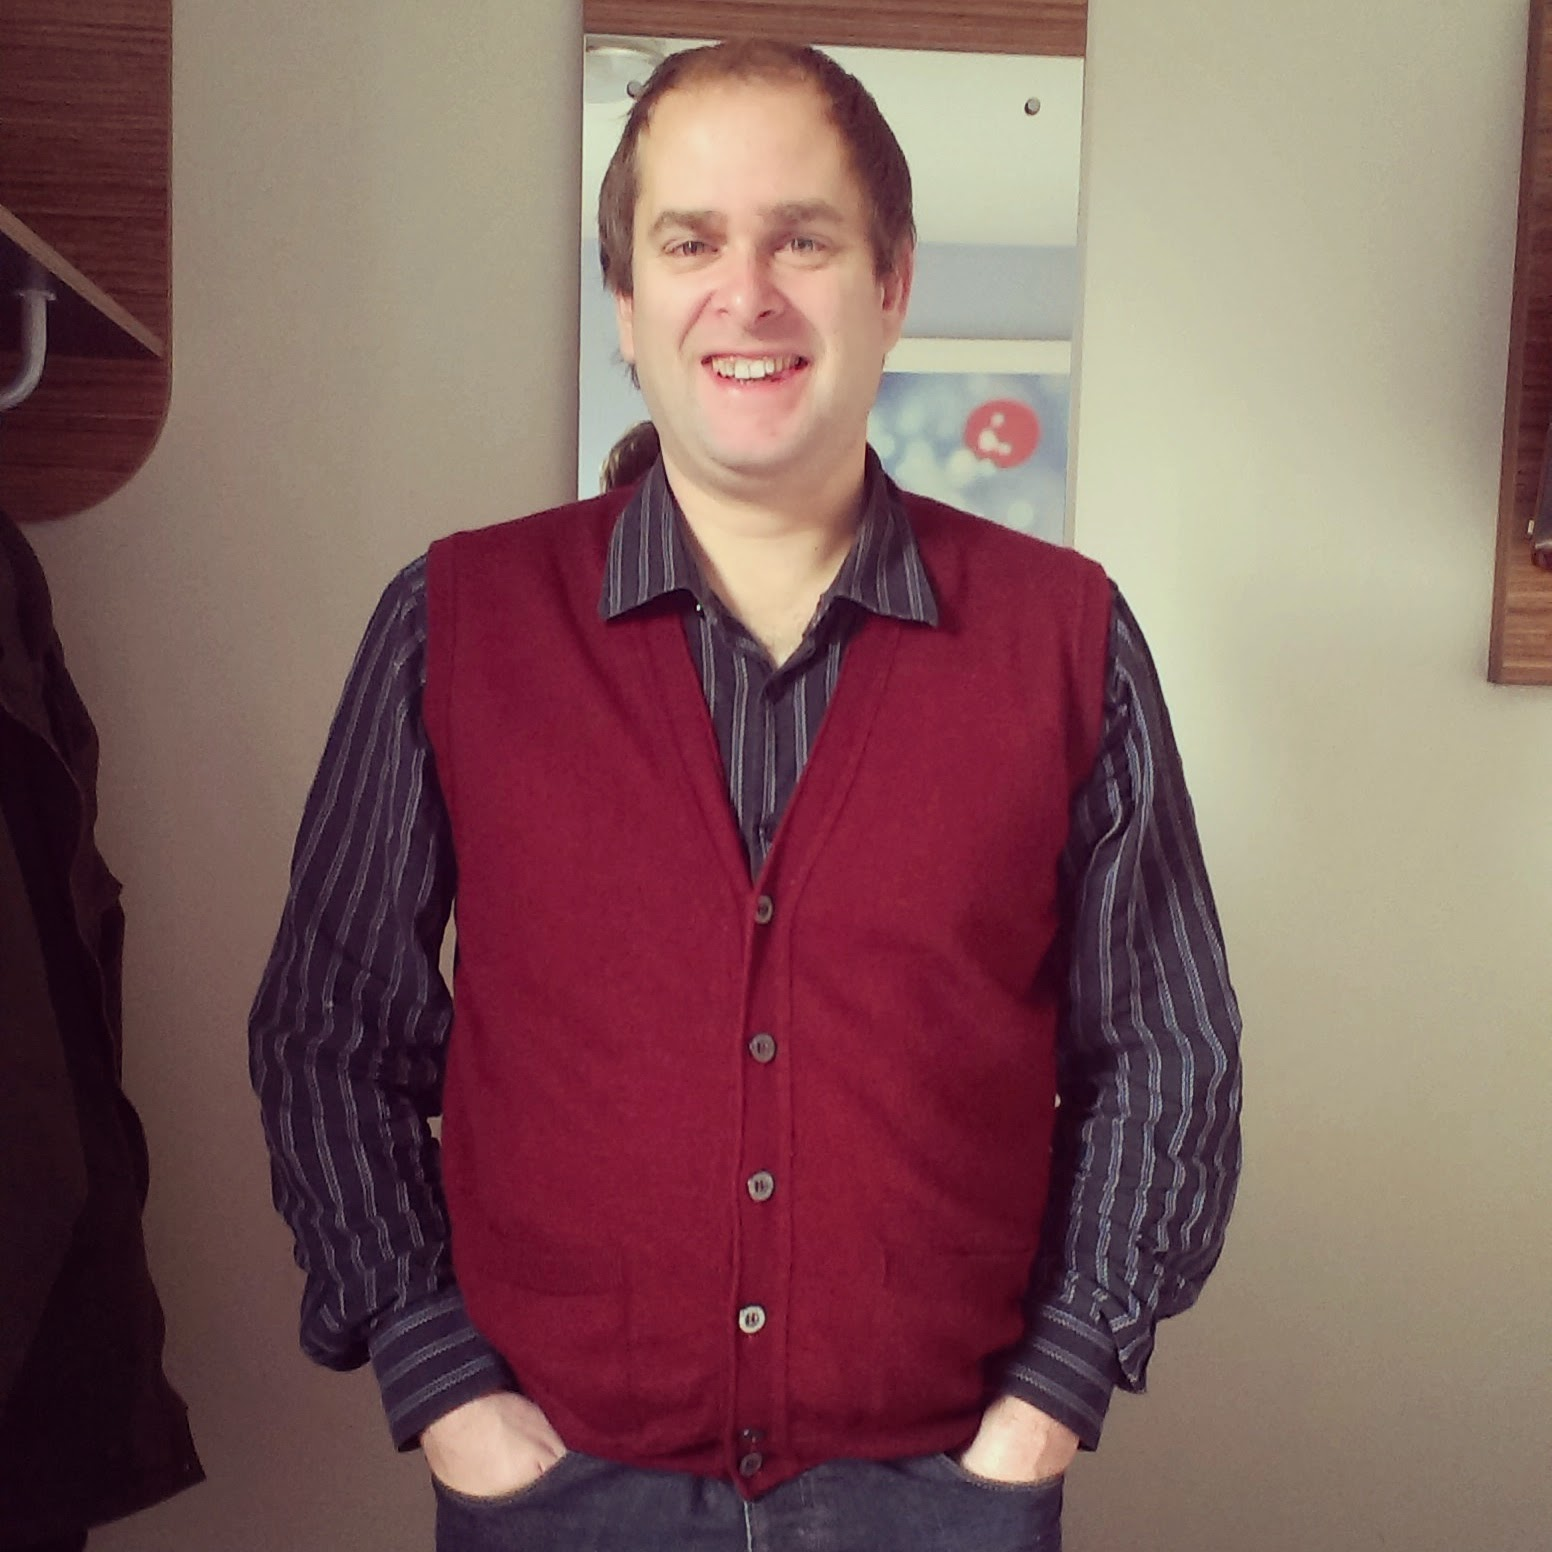 10am - Andrew wearing a Wolsey waistcoat